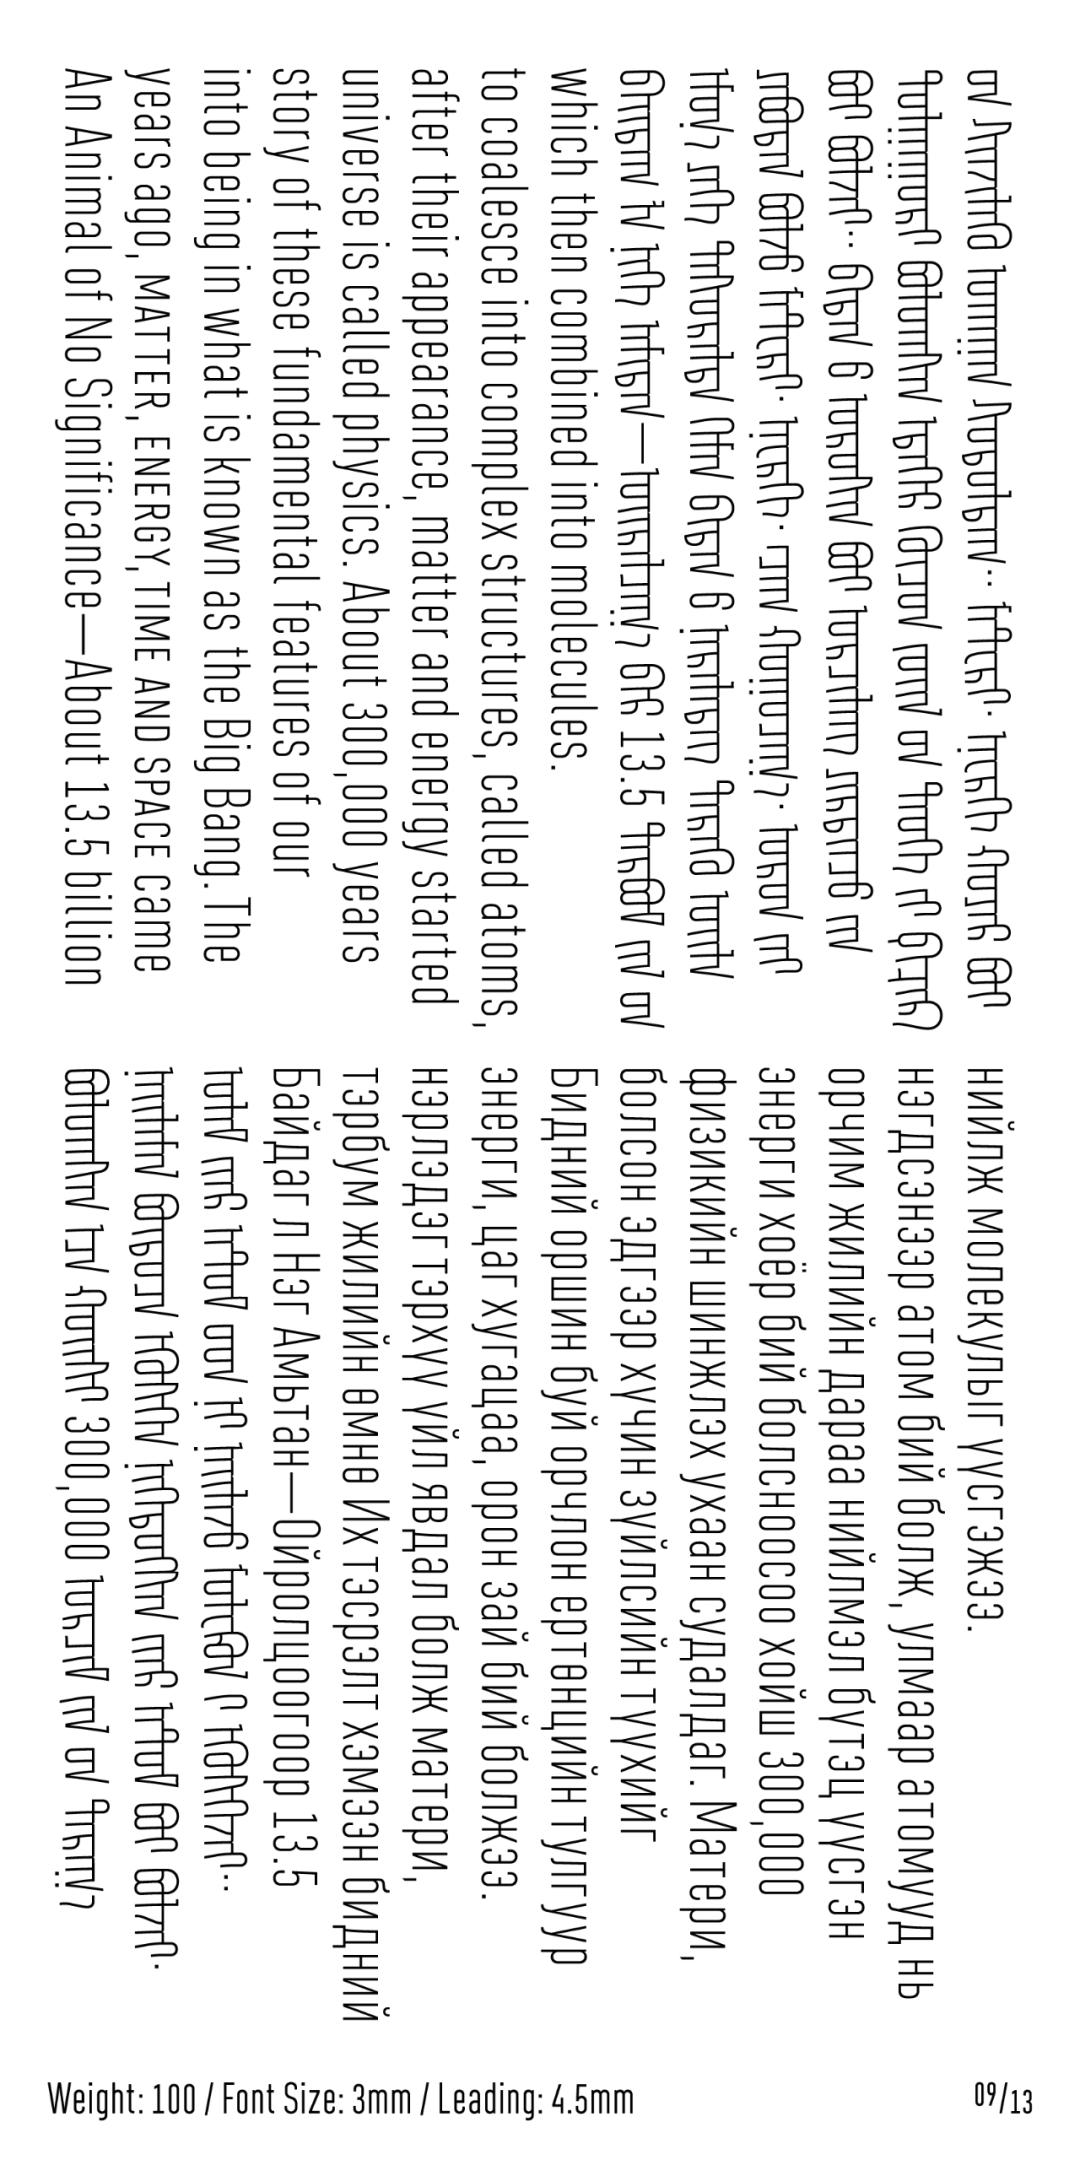 几何风格蒙古字体 Ailognom™ 第13张 几何风格蒙古字体 Ailognom™ 蒙古设计